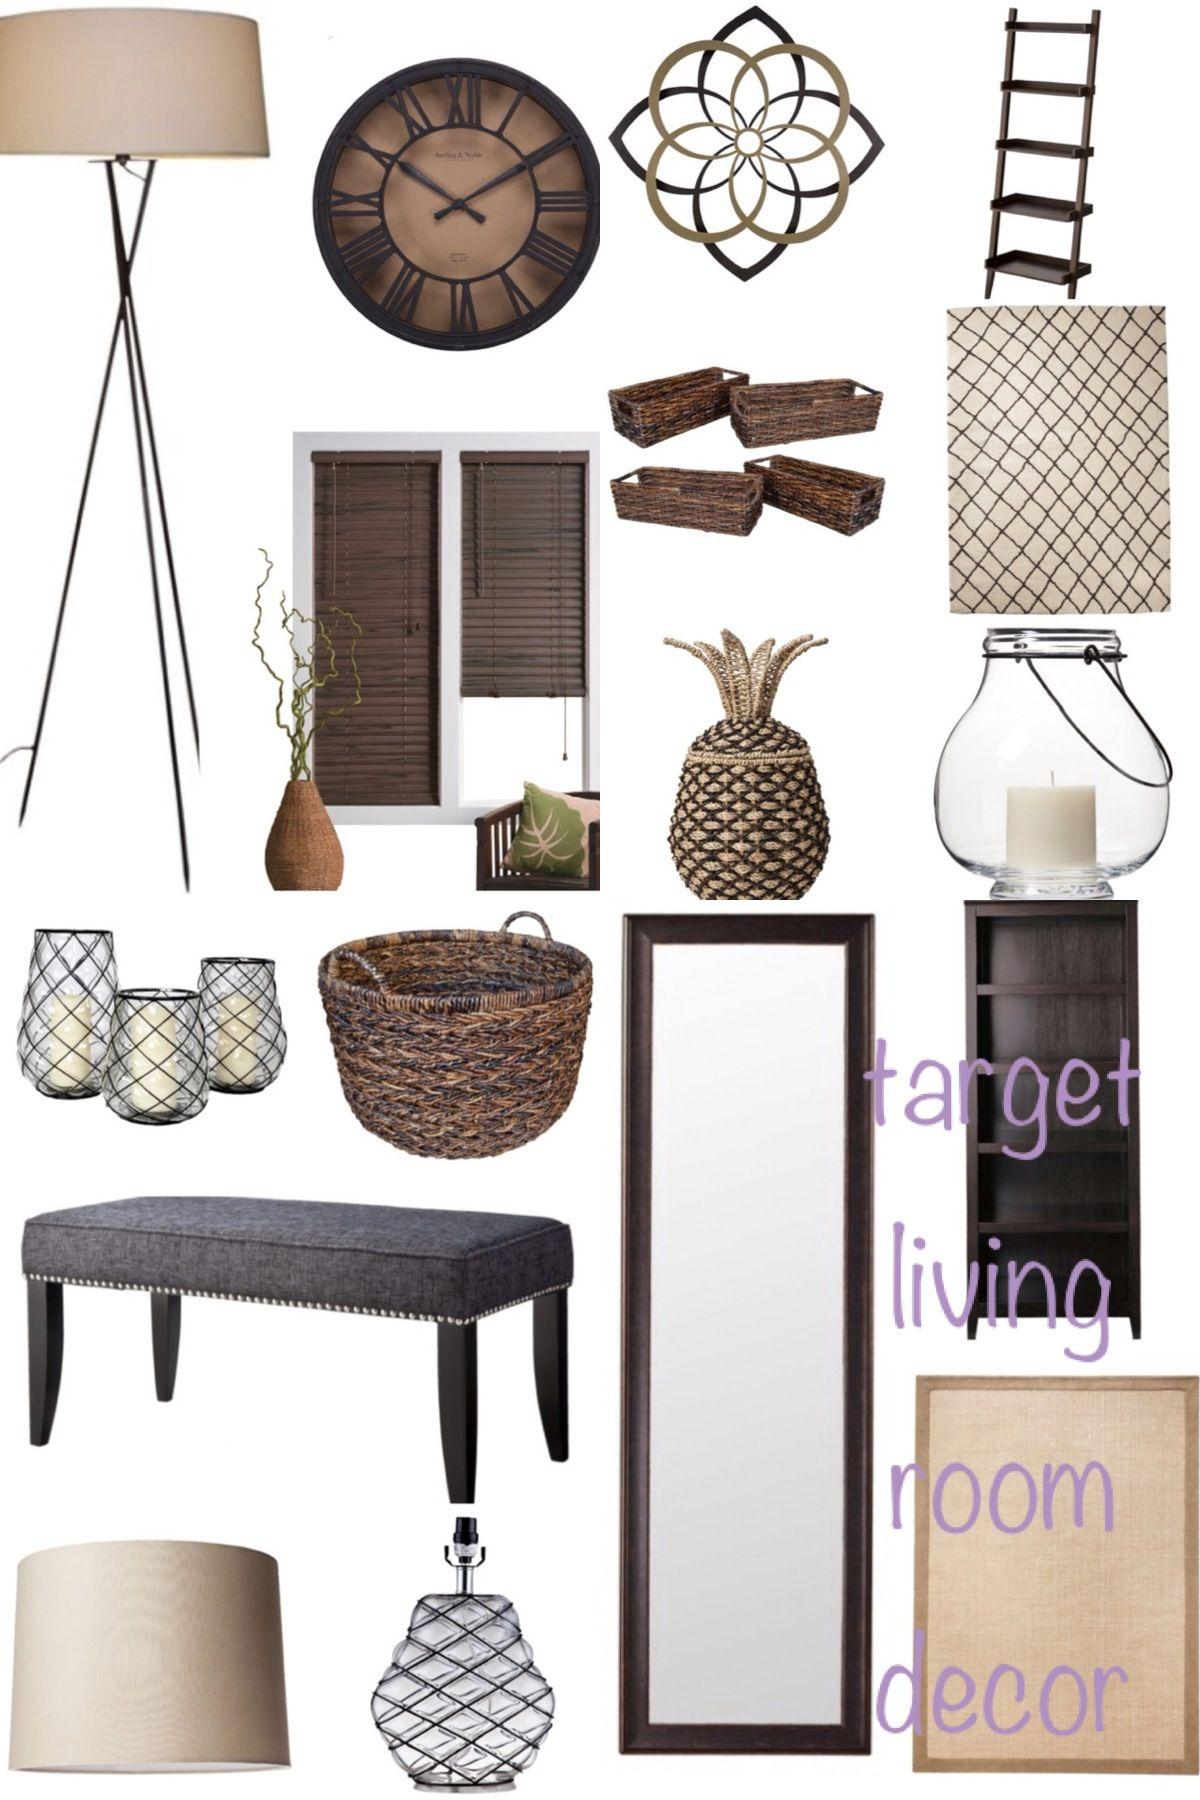 Target Living Room Decor Dream Home Pinterest